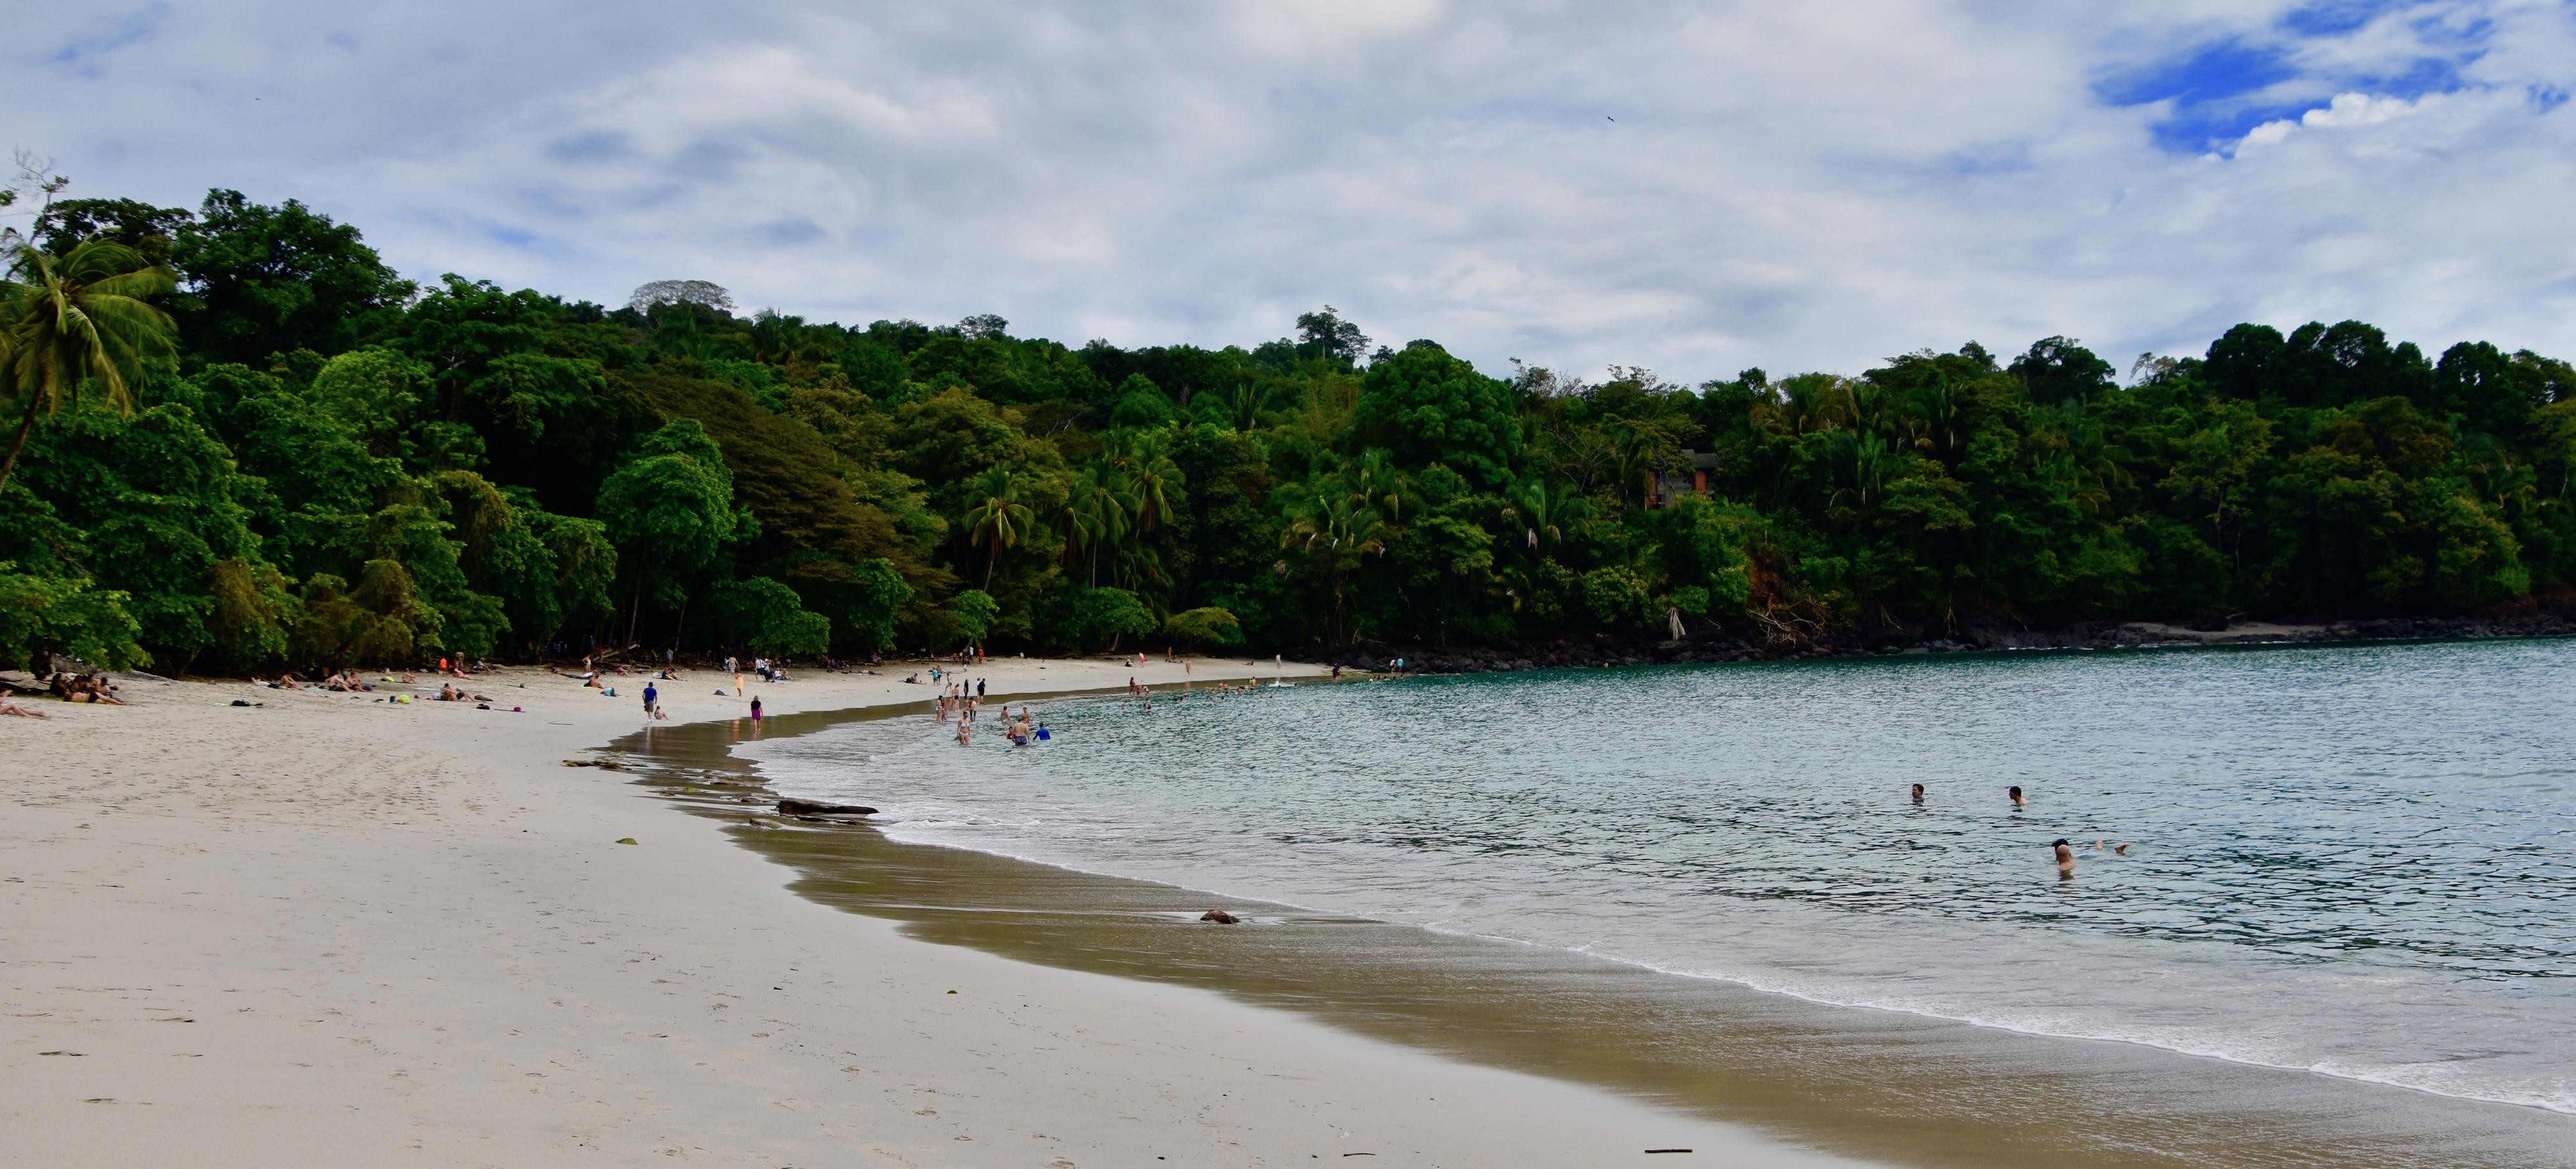 The Manuel Antonio Beach